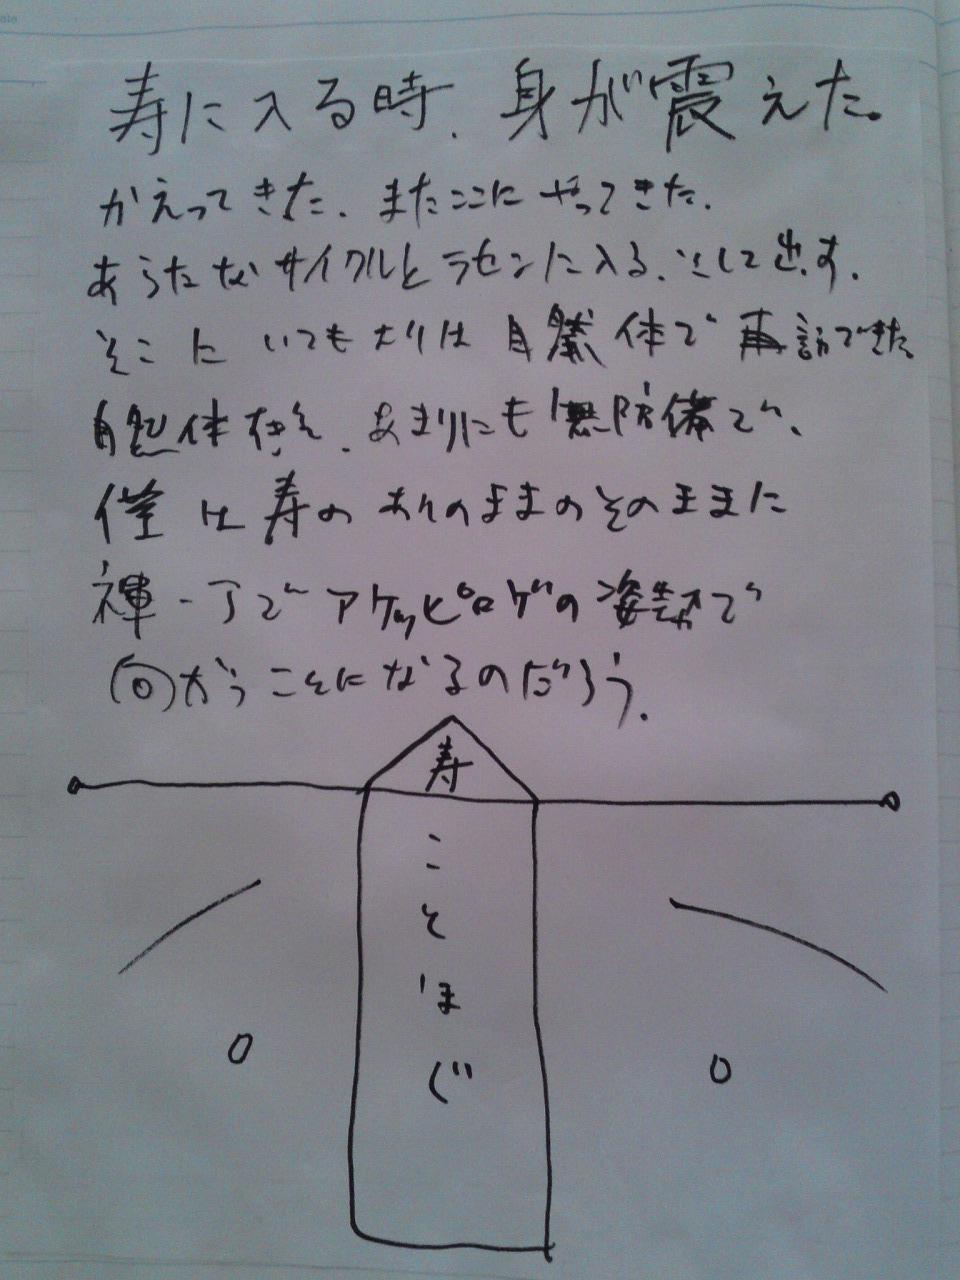 寿合宿交換日記_d0163517_16385059.jpg